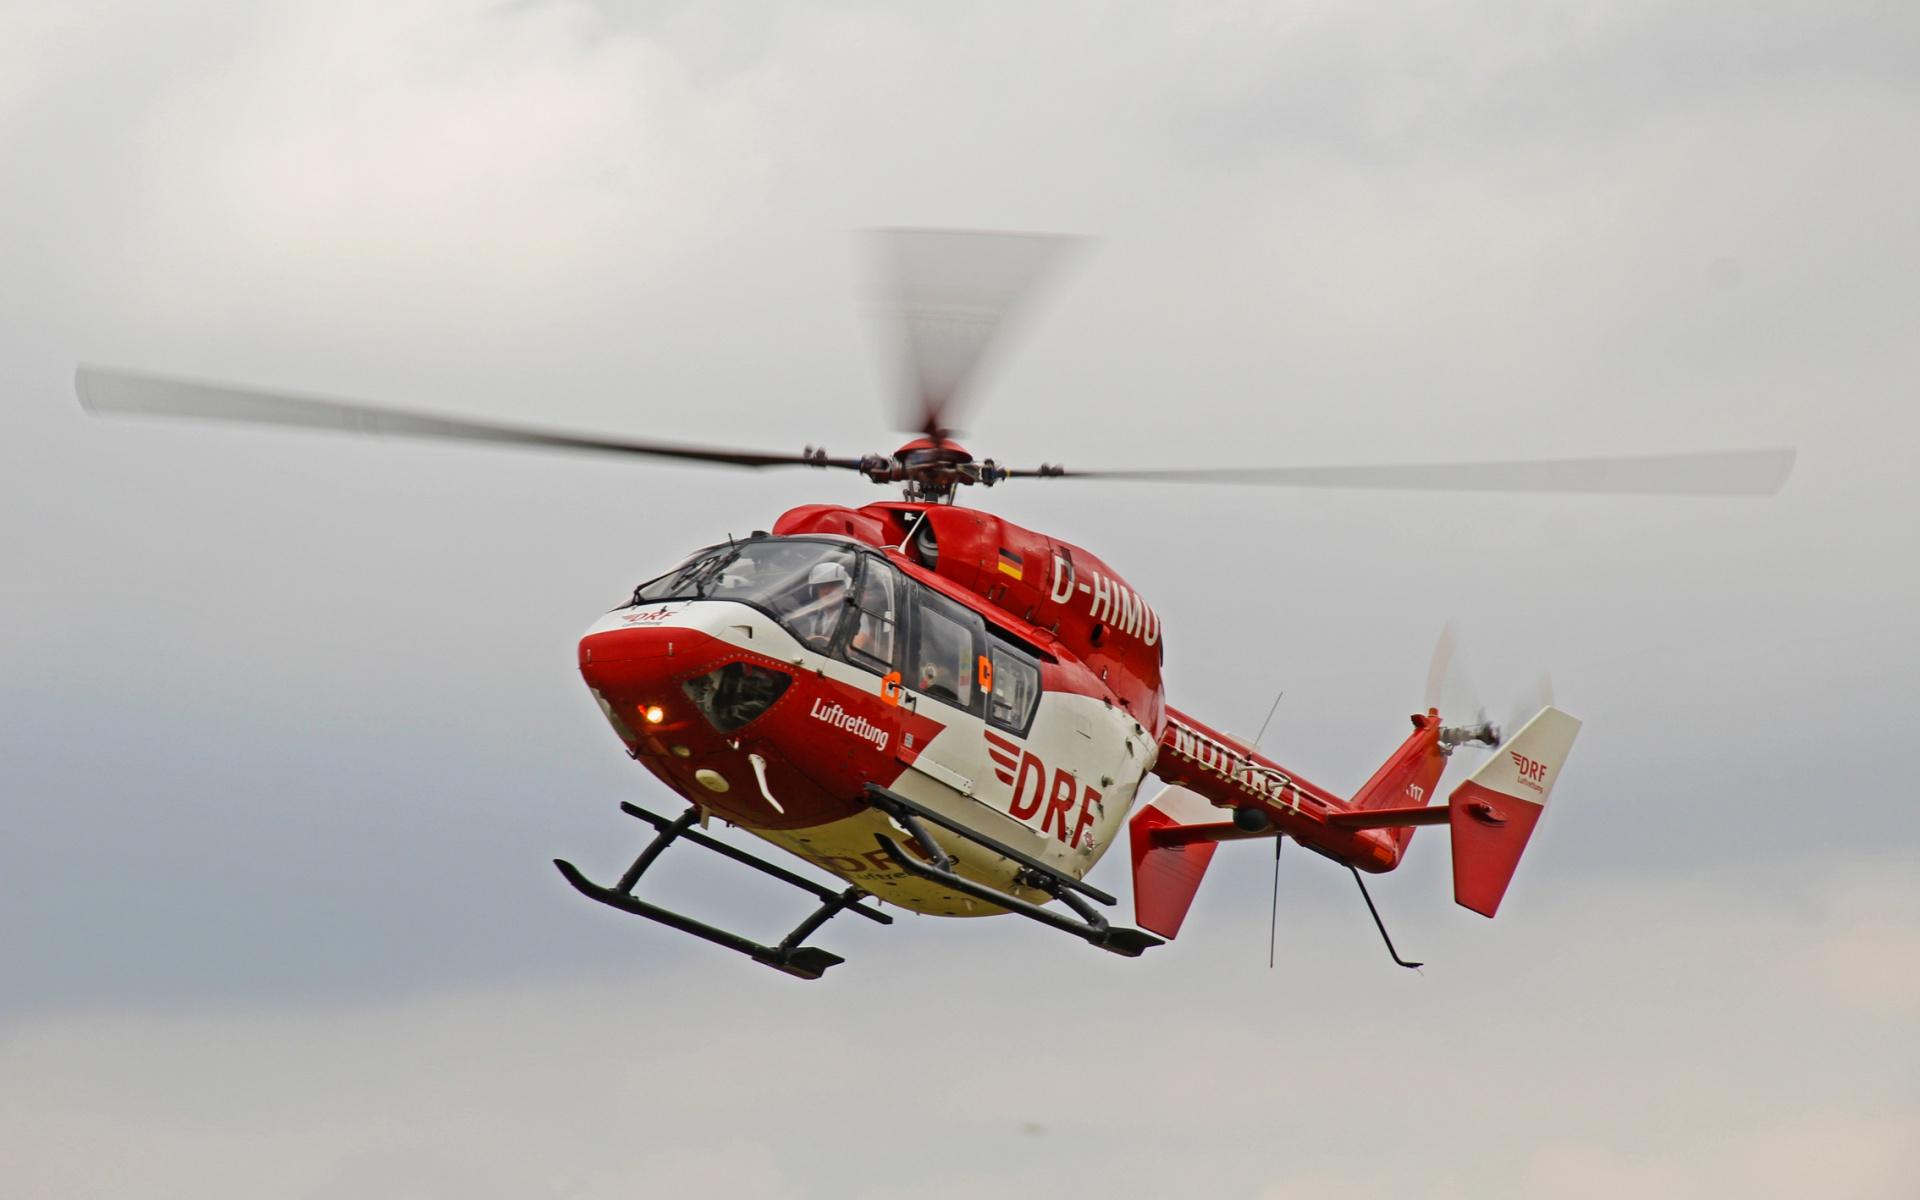 Mit einem Hubschrauber des Typs BK 117 starten die Dortmunder Luftretter zu ihren oft lebensrettenden Einsätzen. Symbolbild.